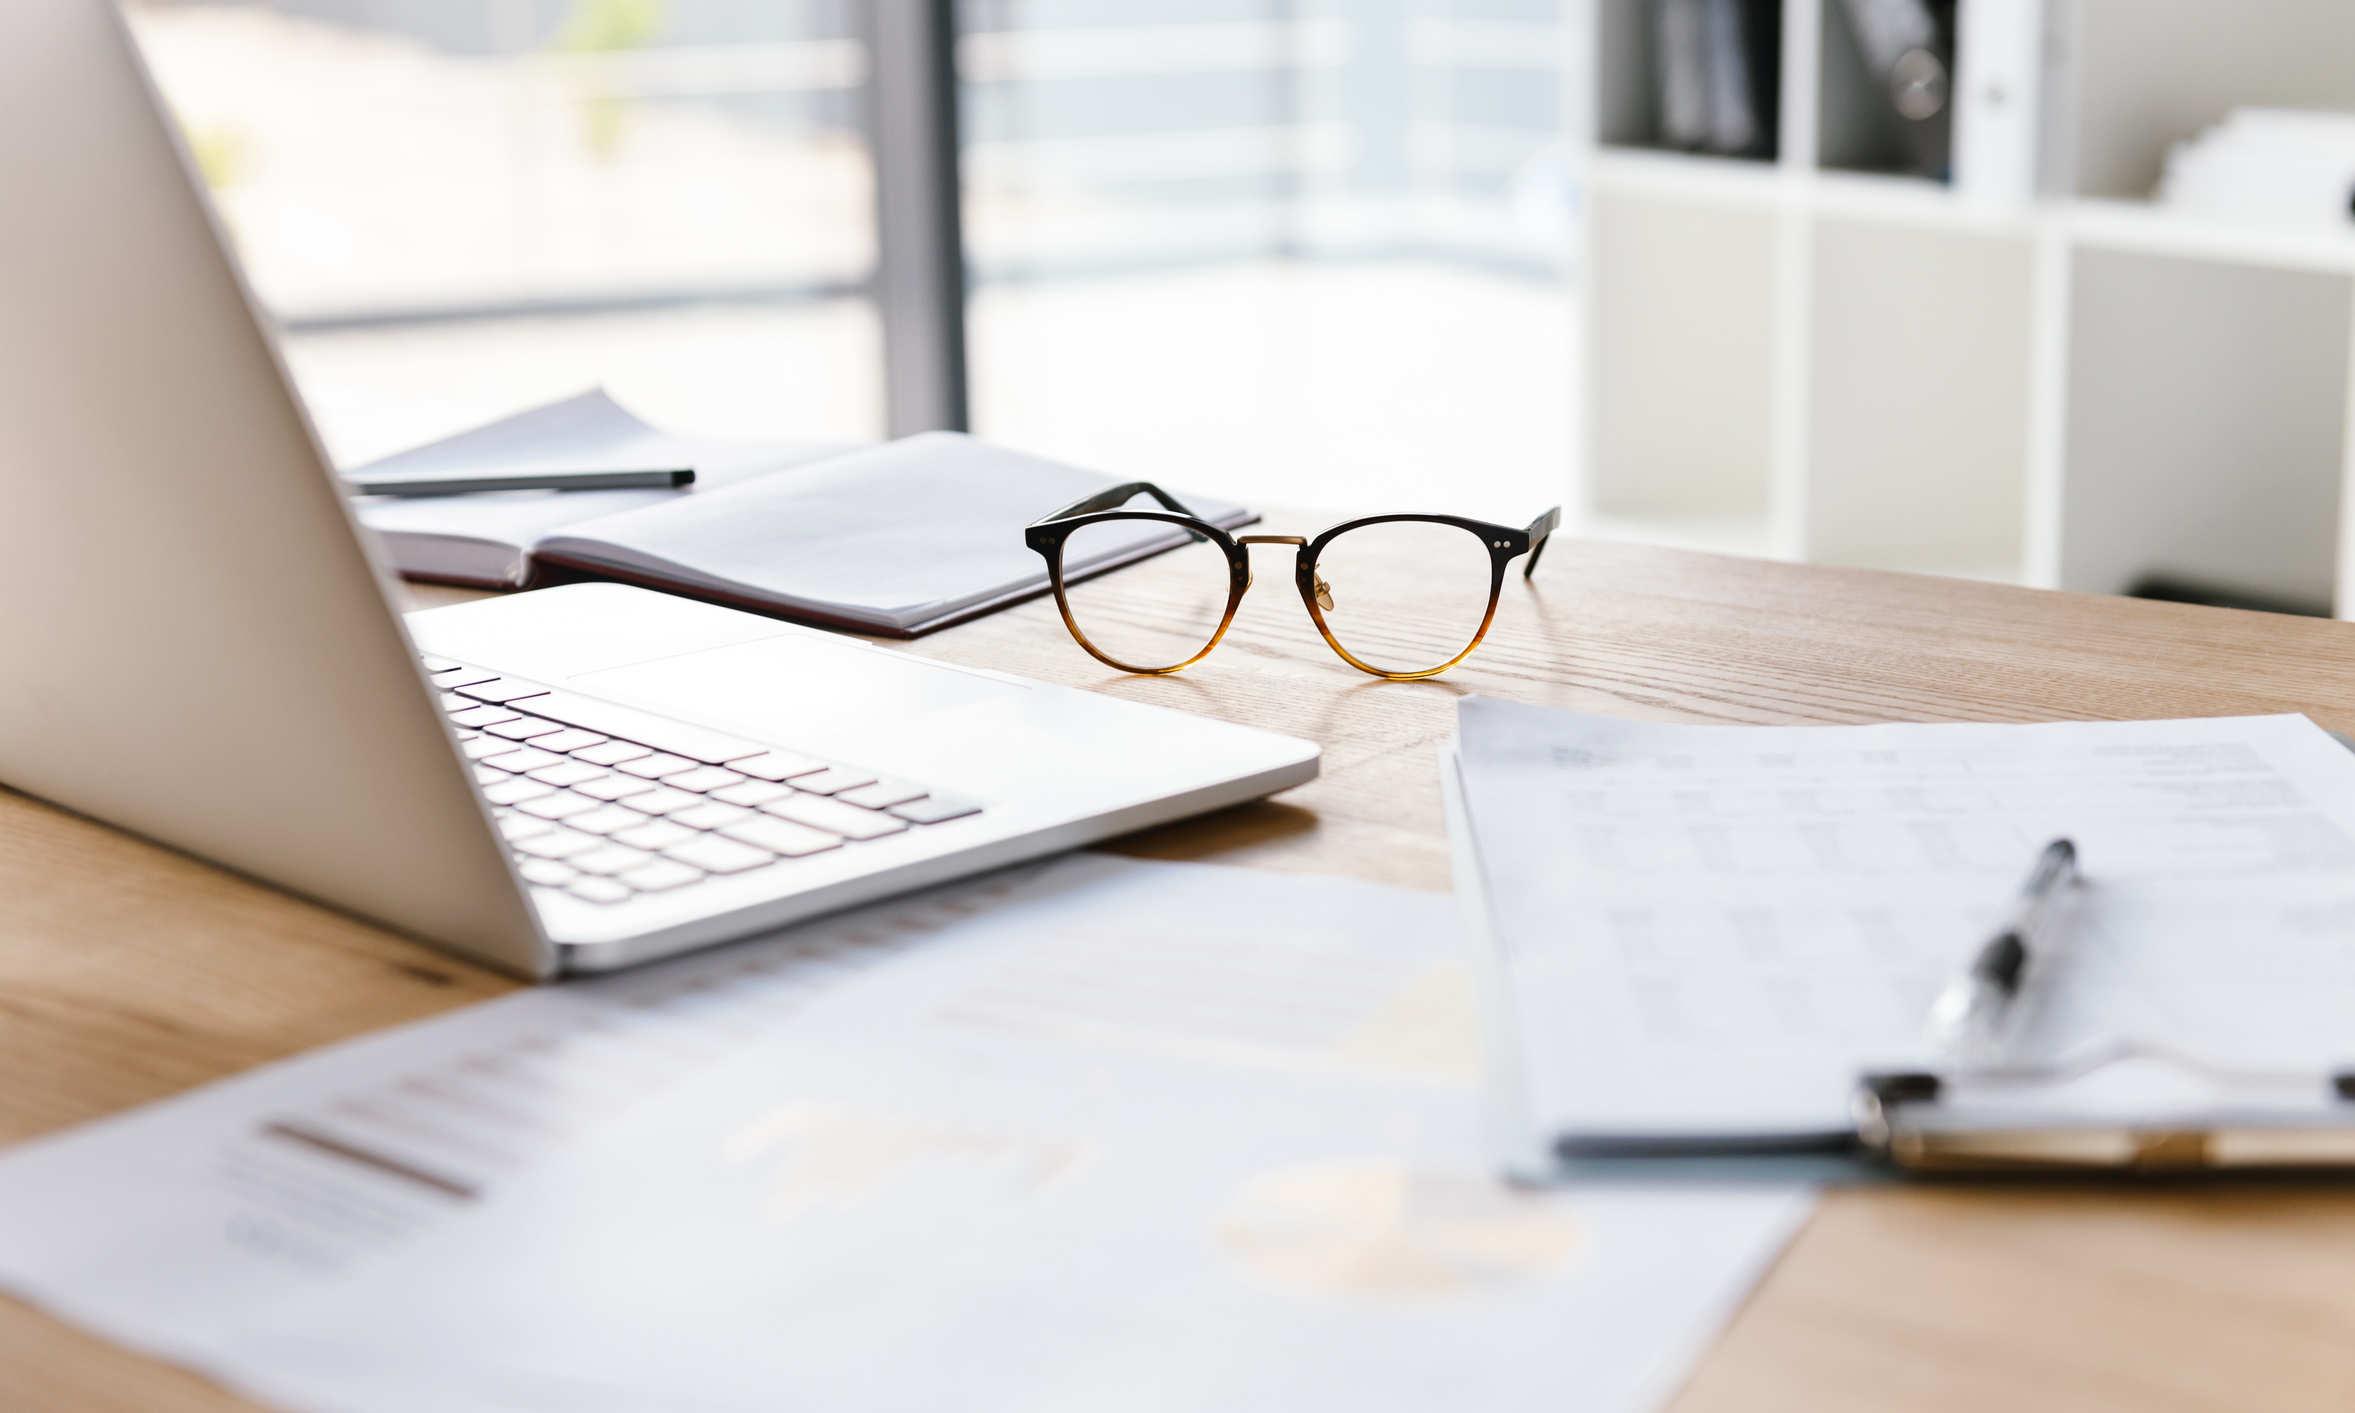 Arbeitsplatz mit Brille, Laptop und Unterlagen - bildlich Arbeitsrecht